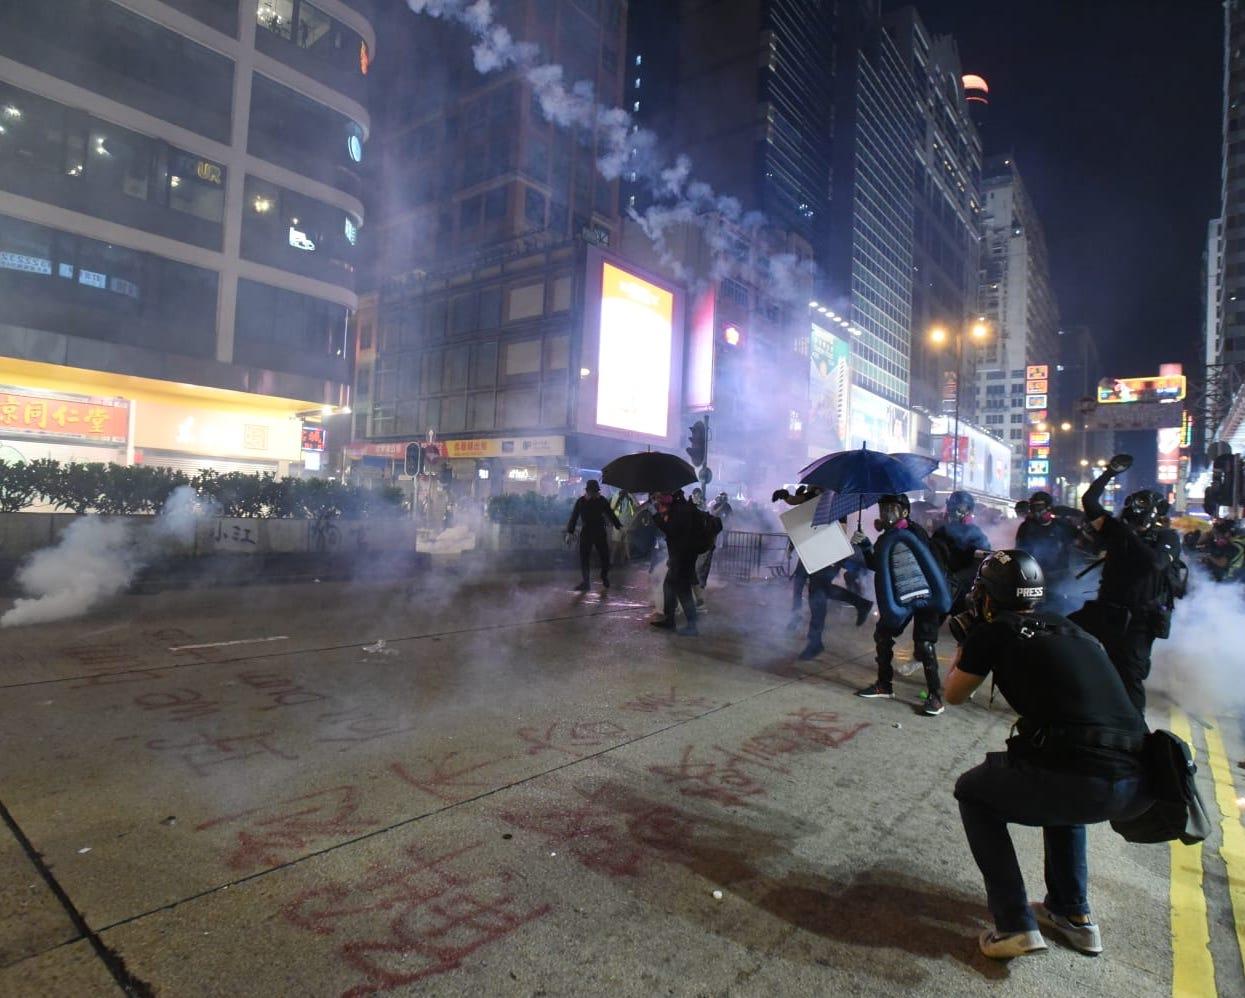 【修例風波】警彌敦道舉黑旗射催淚彈 許智峯投訴被警踩腳